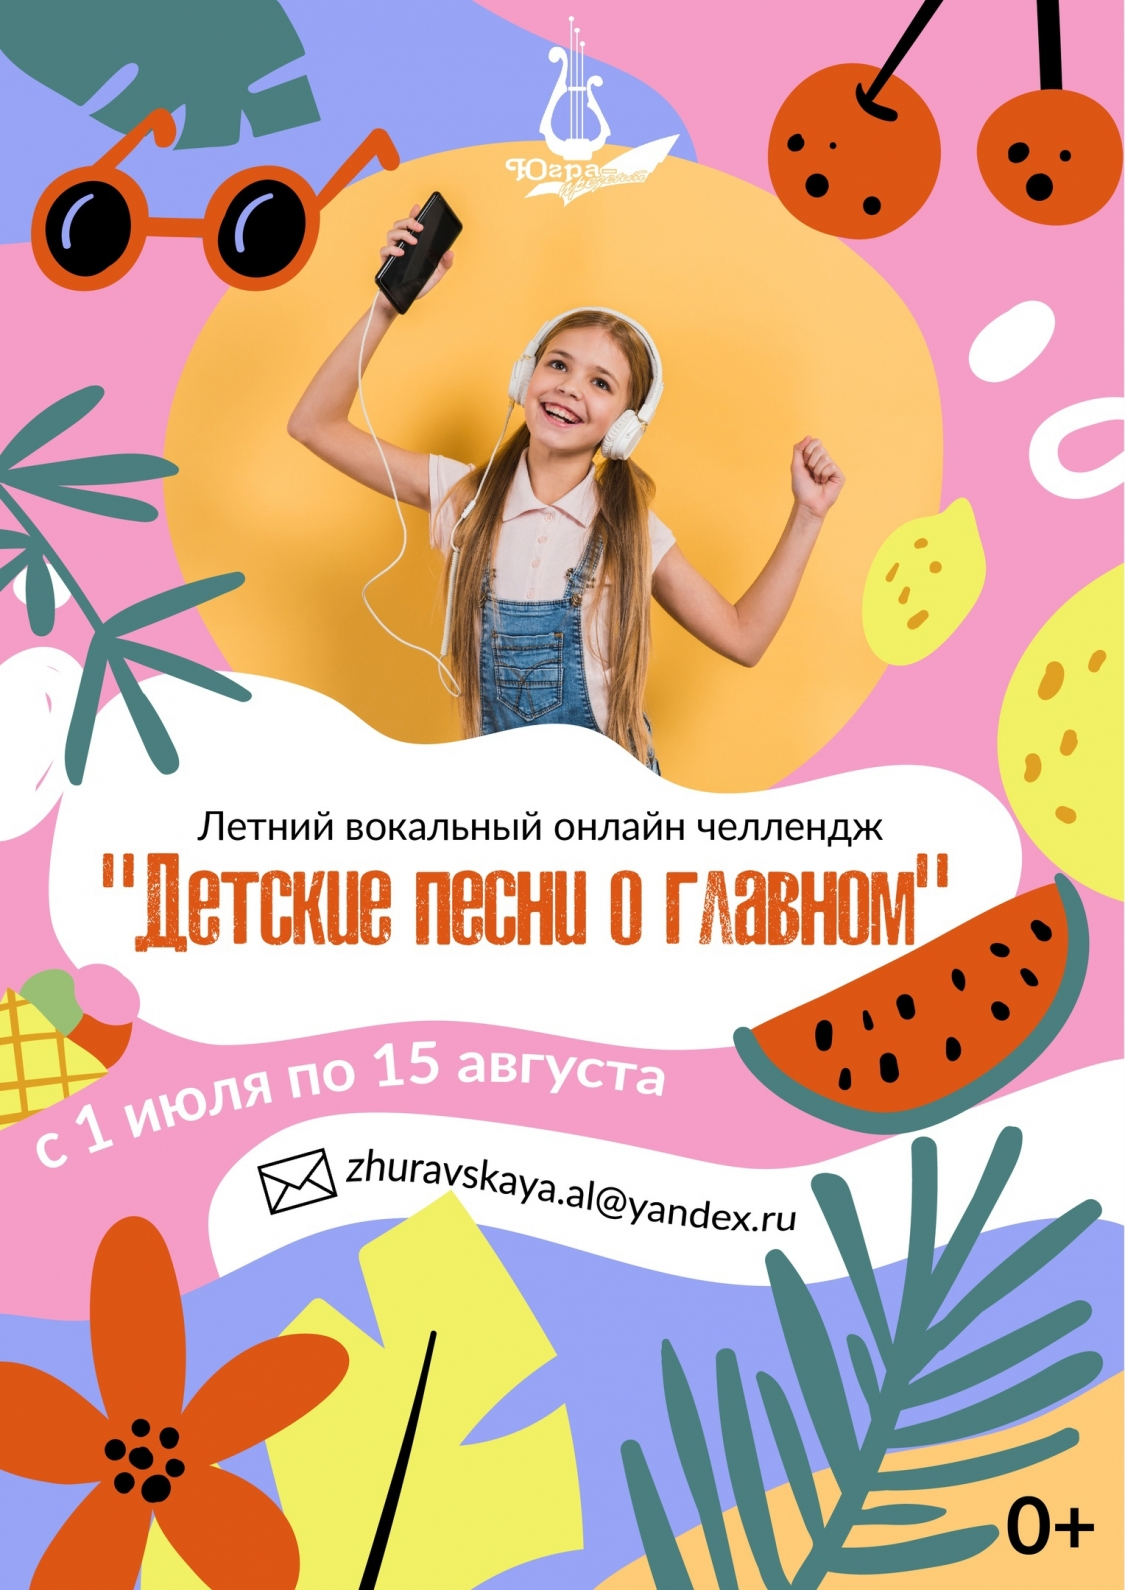 С 1 июля по 15 августа 2021года стартует летний вокальный онлайн челлендж #Детские песни о главном.